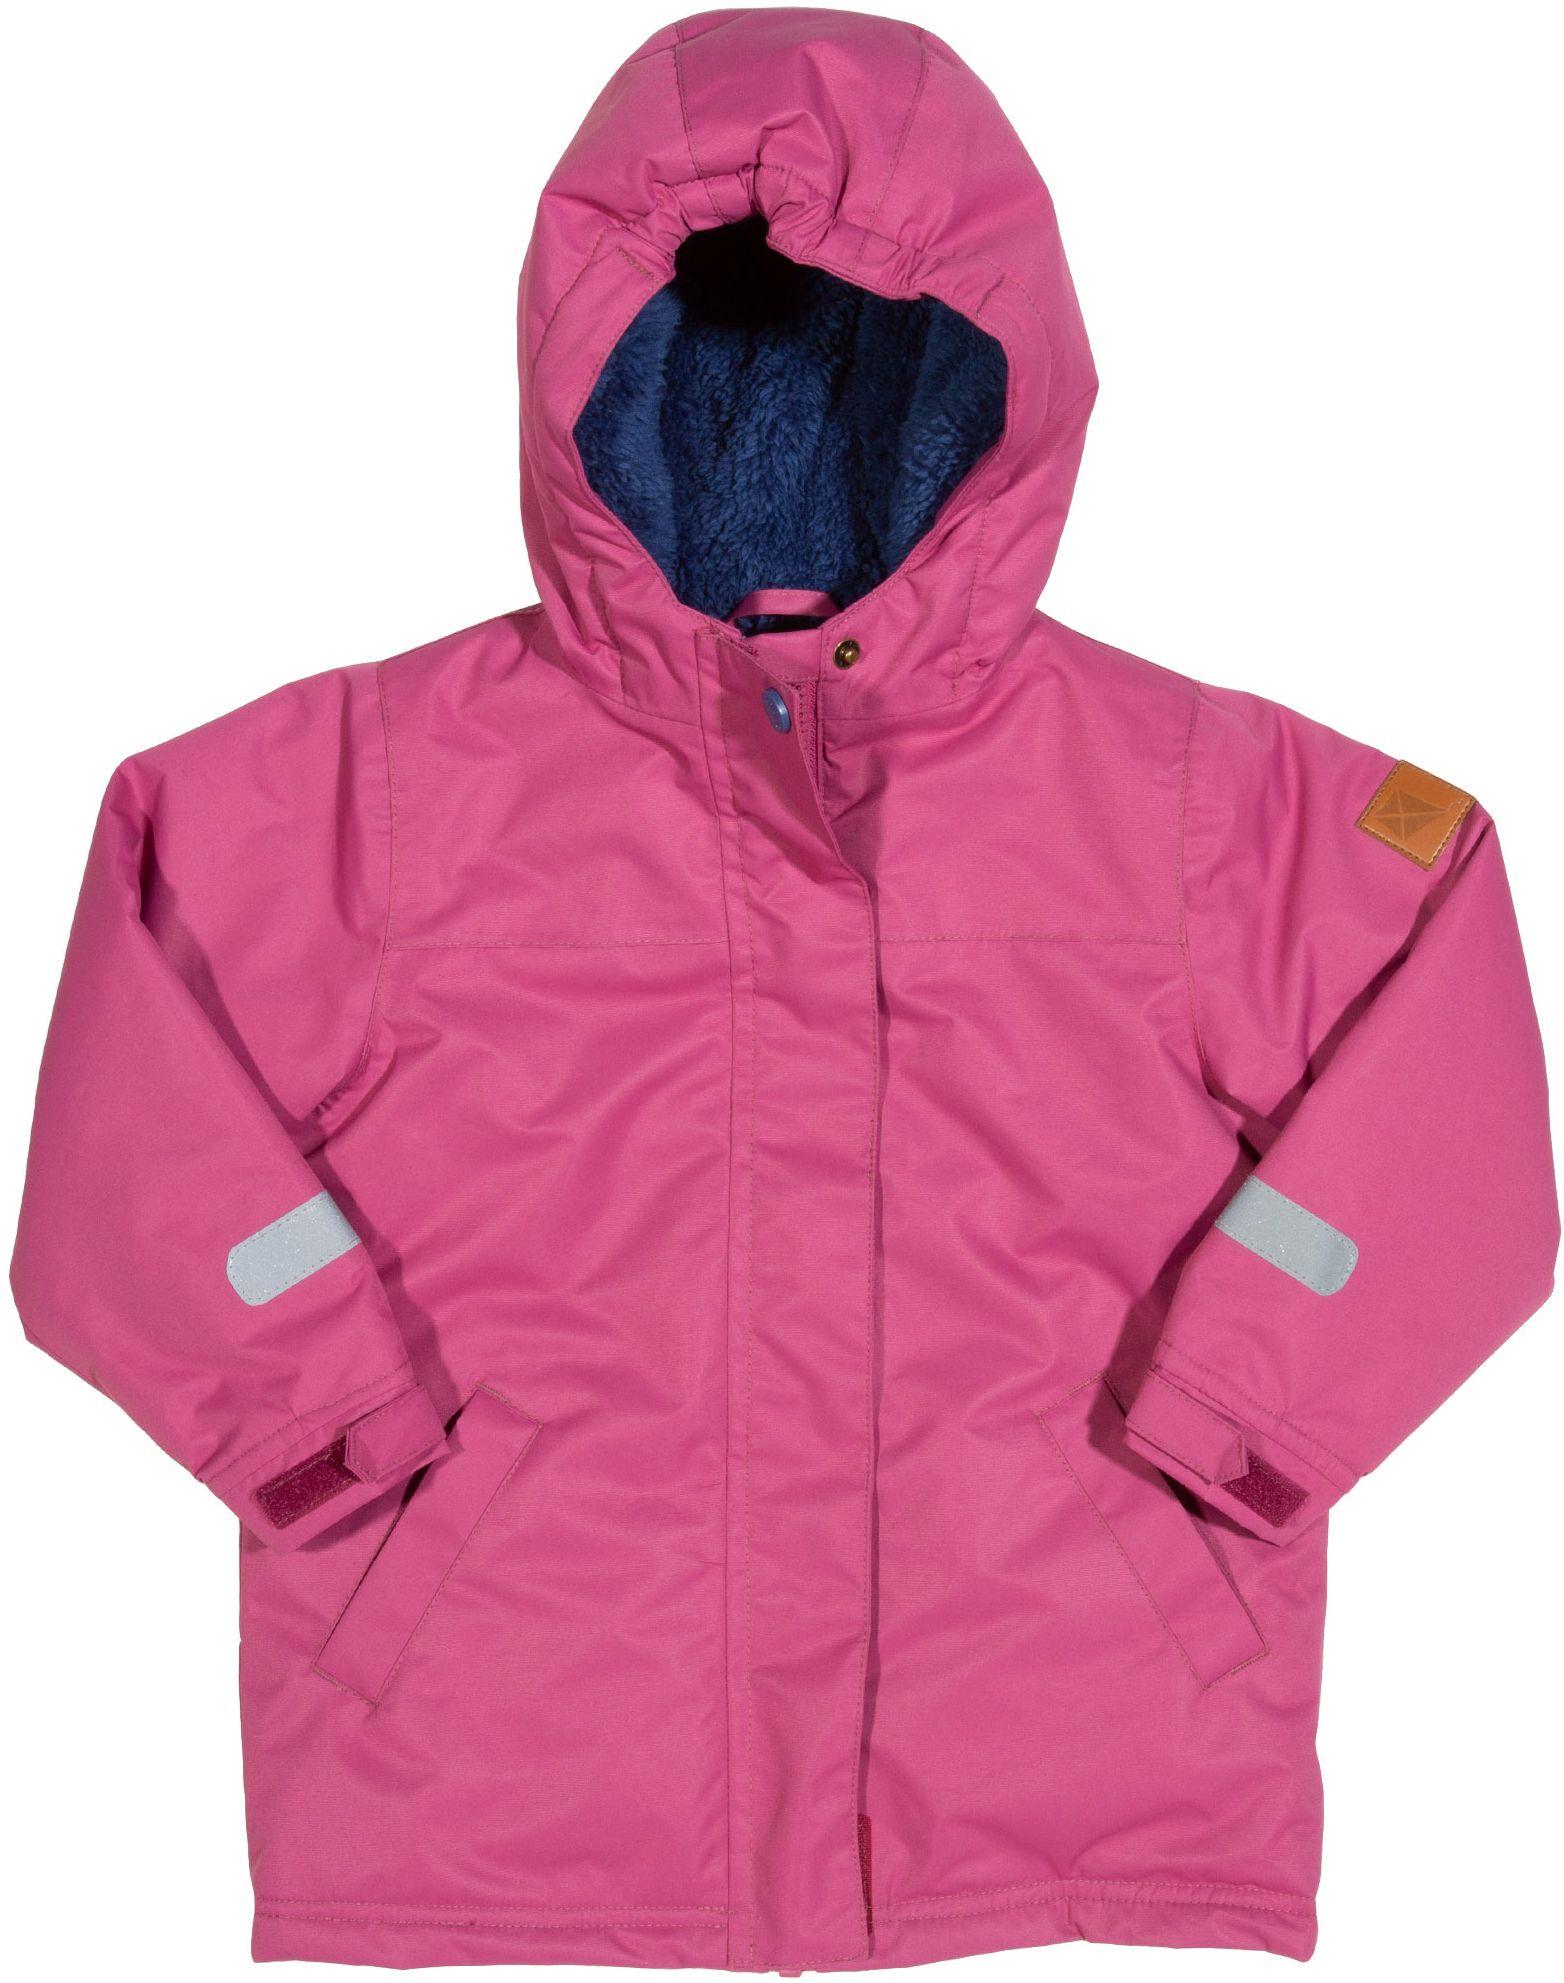 Wasserdichte Kinder-Outdoorjacke mit gefütterter Kapuze in pink